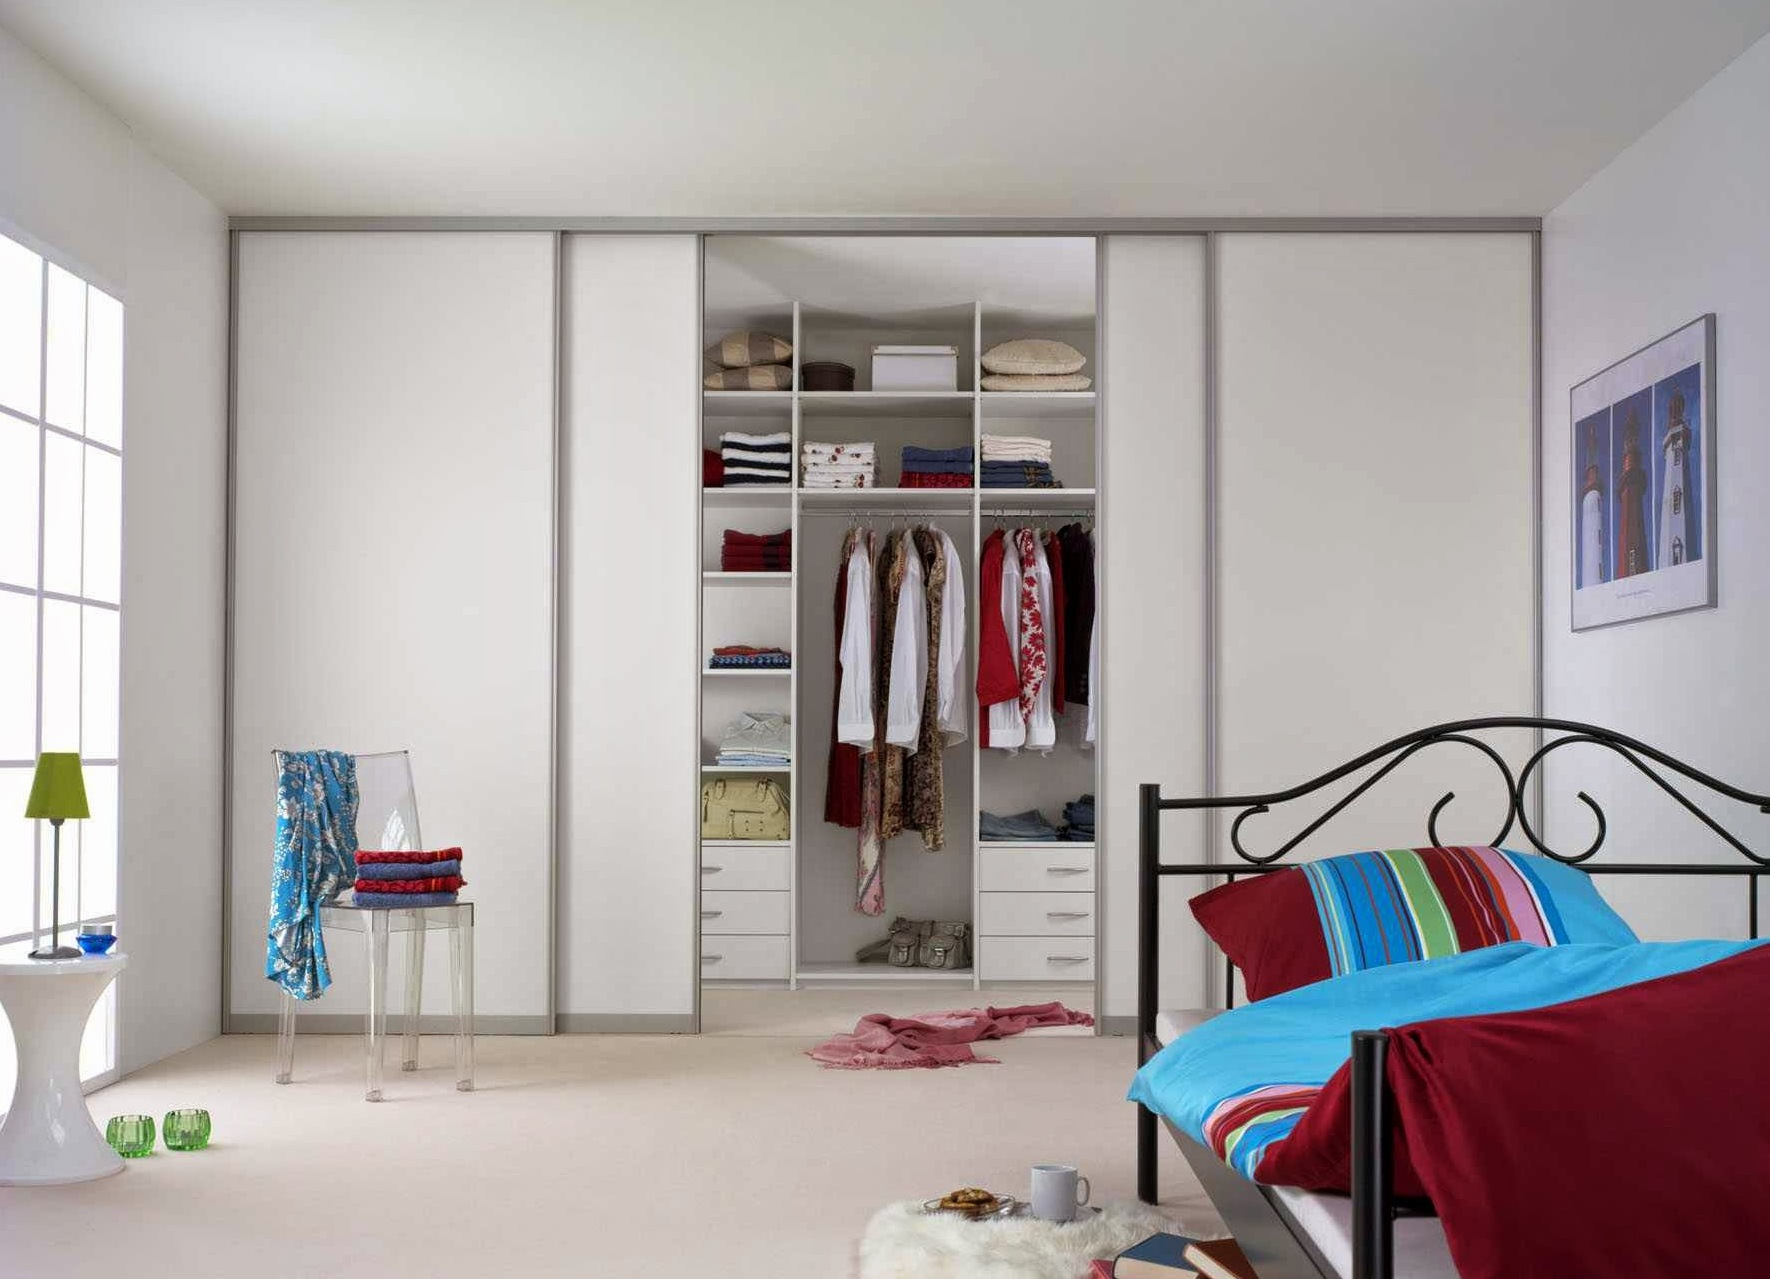 Мебель в детскую комнату для девочек: фото, дизайн, ассортим.